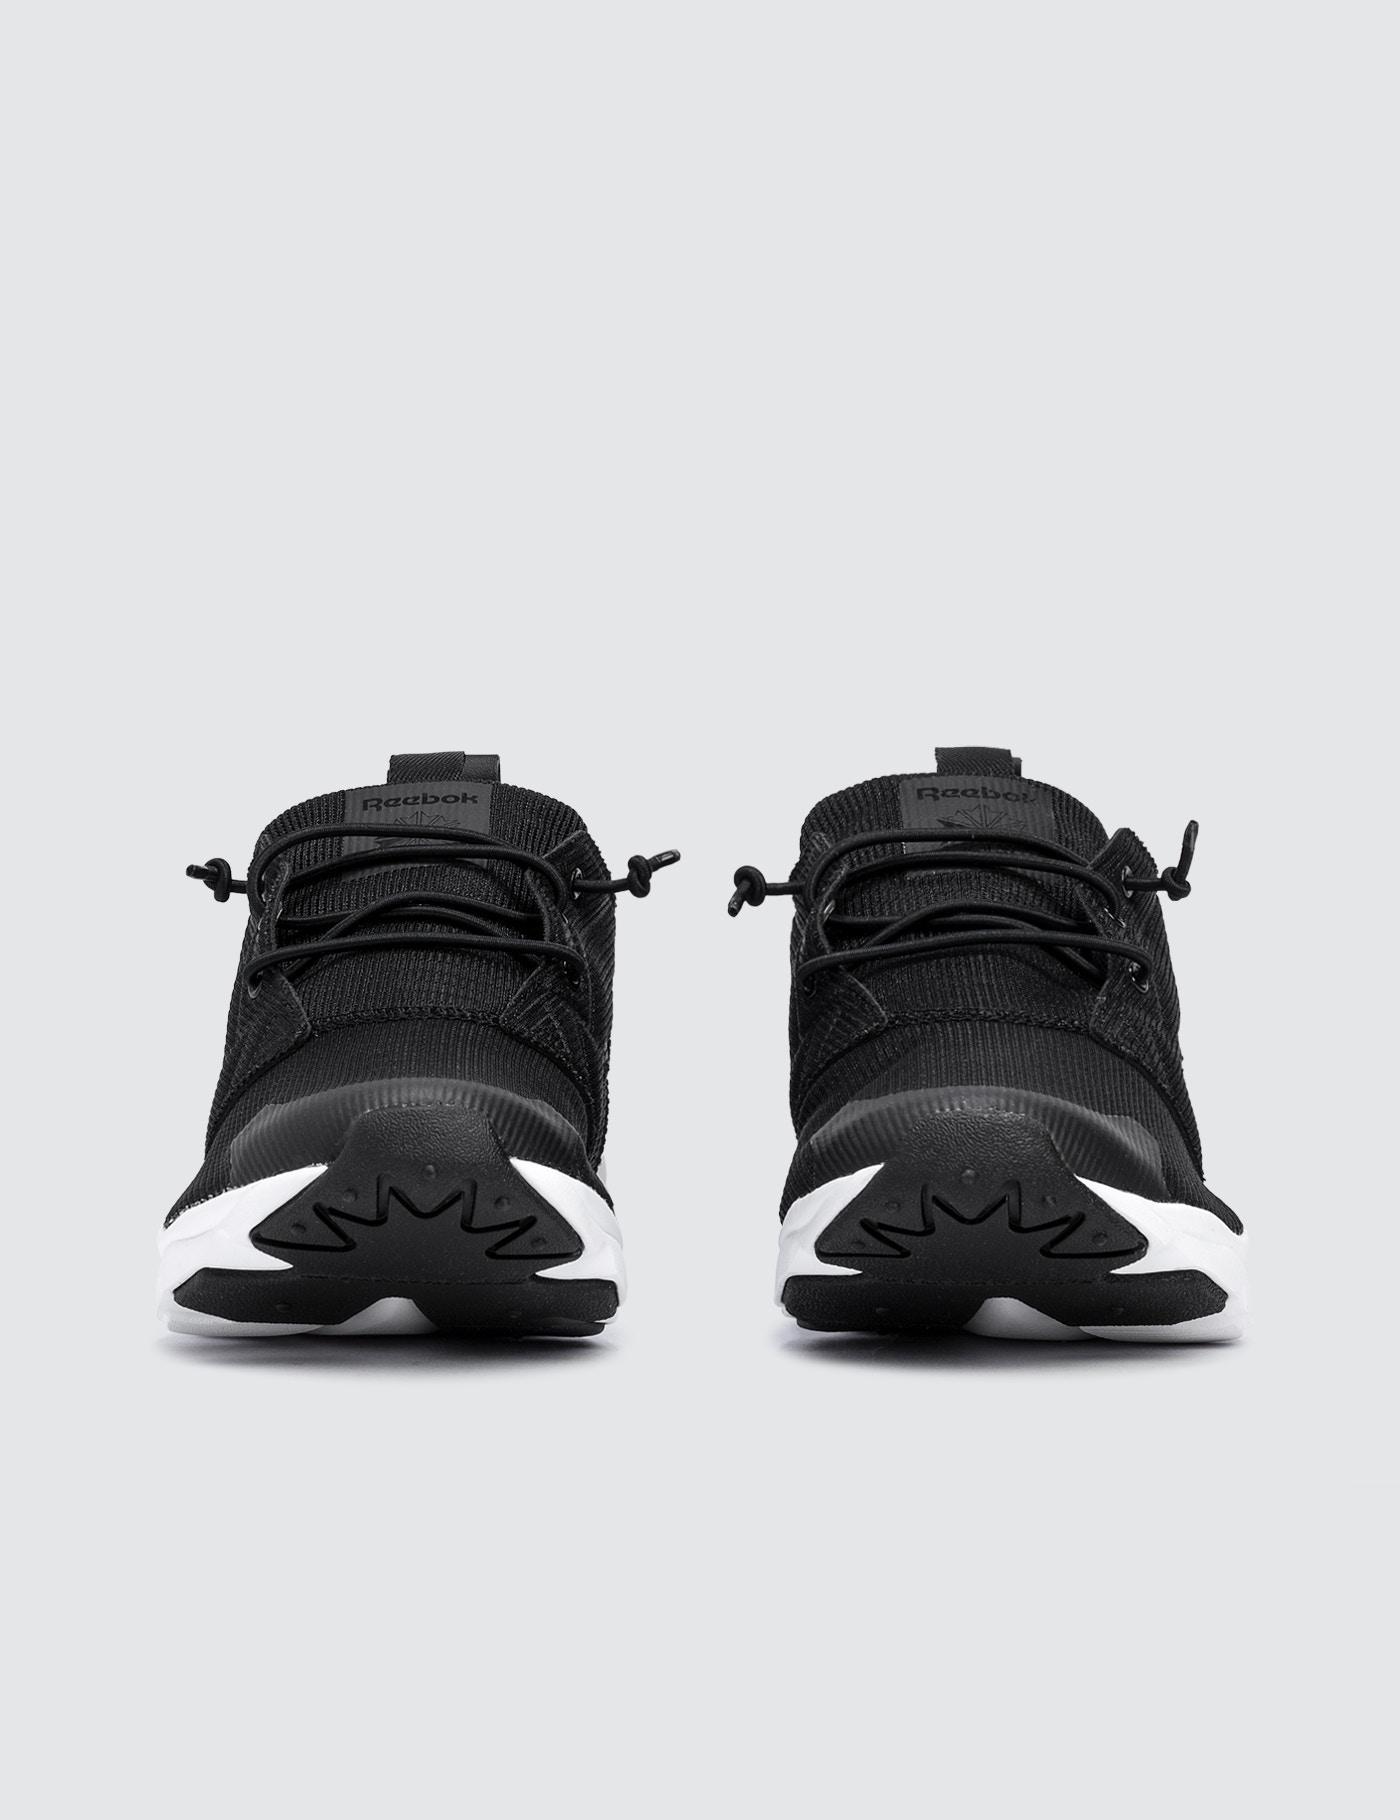 a98a4b8eebe Lyst - Reebok Furylite Aom in Black for Men